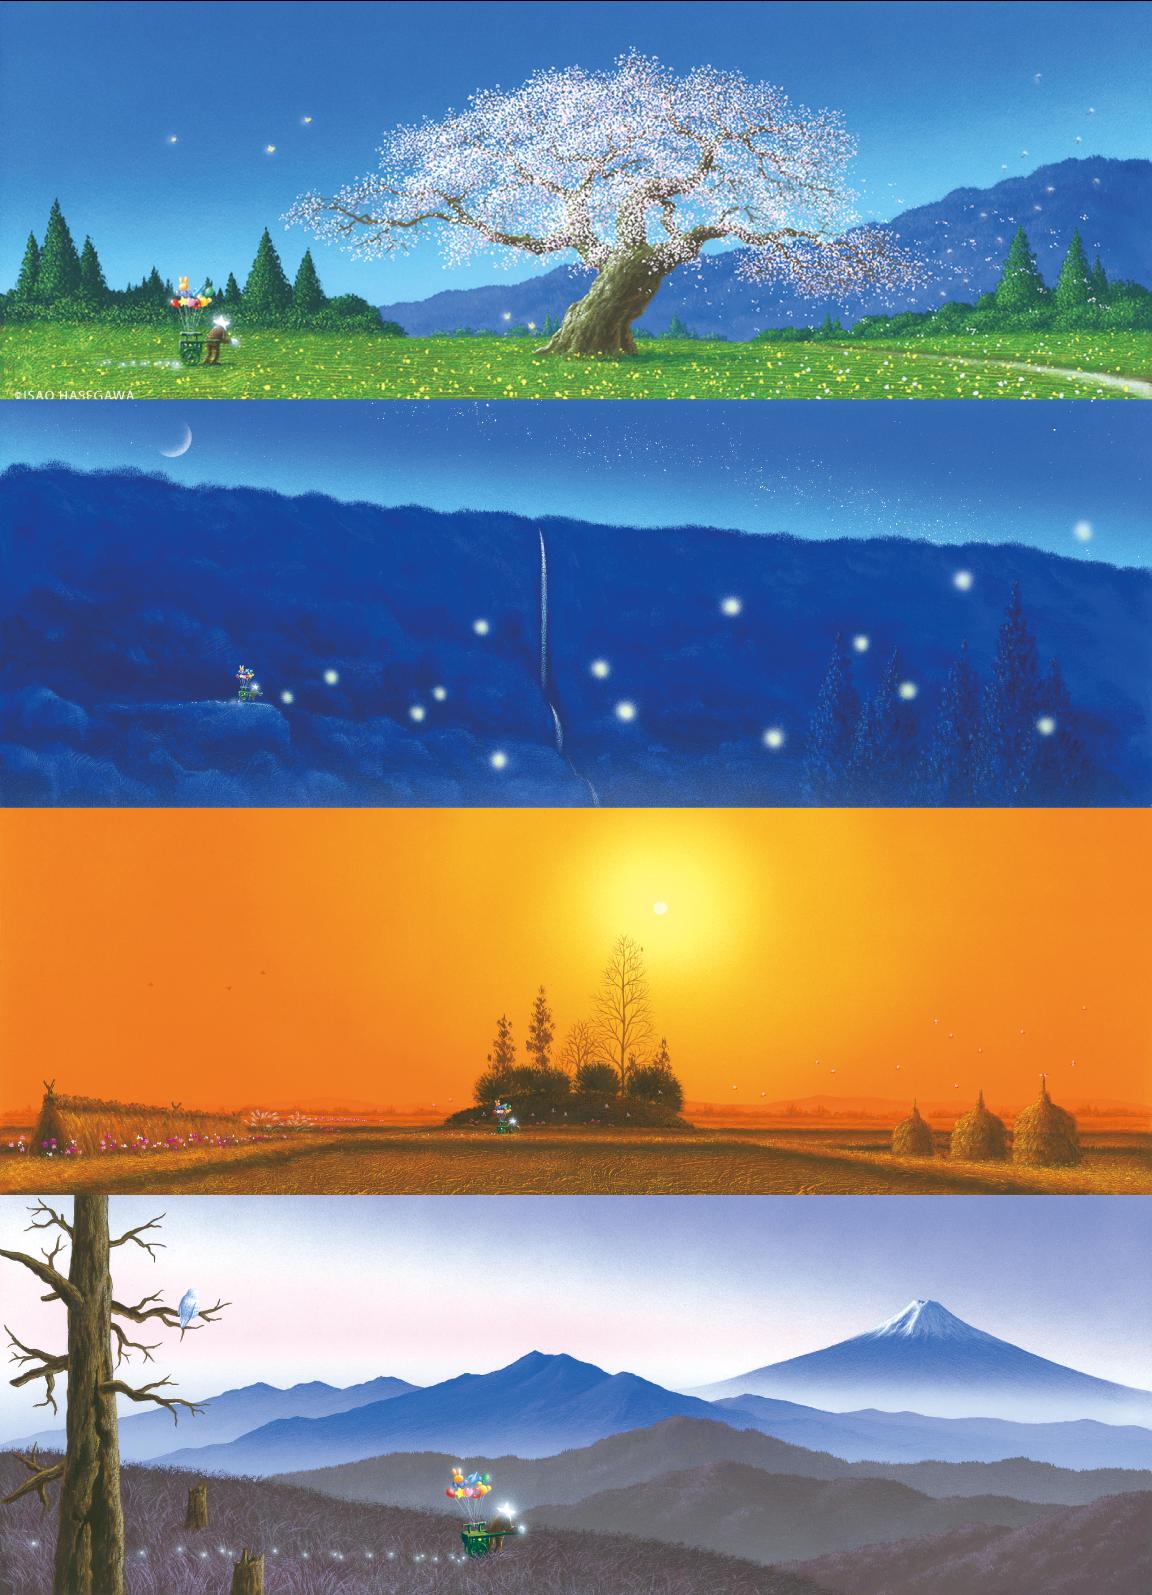 日本の四季の輝き〜春夏秋冬〜